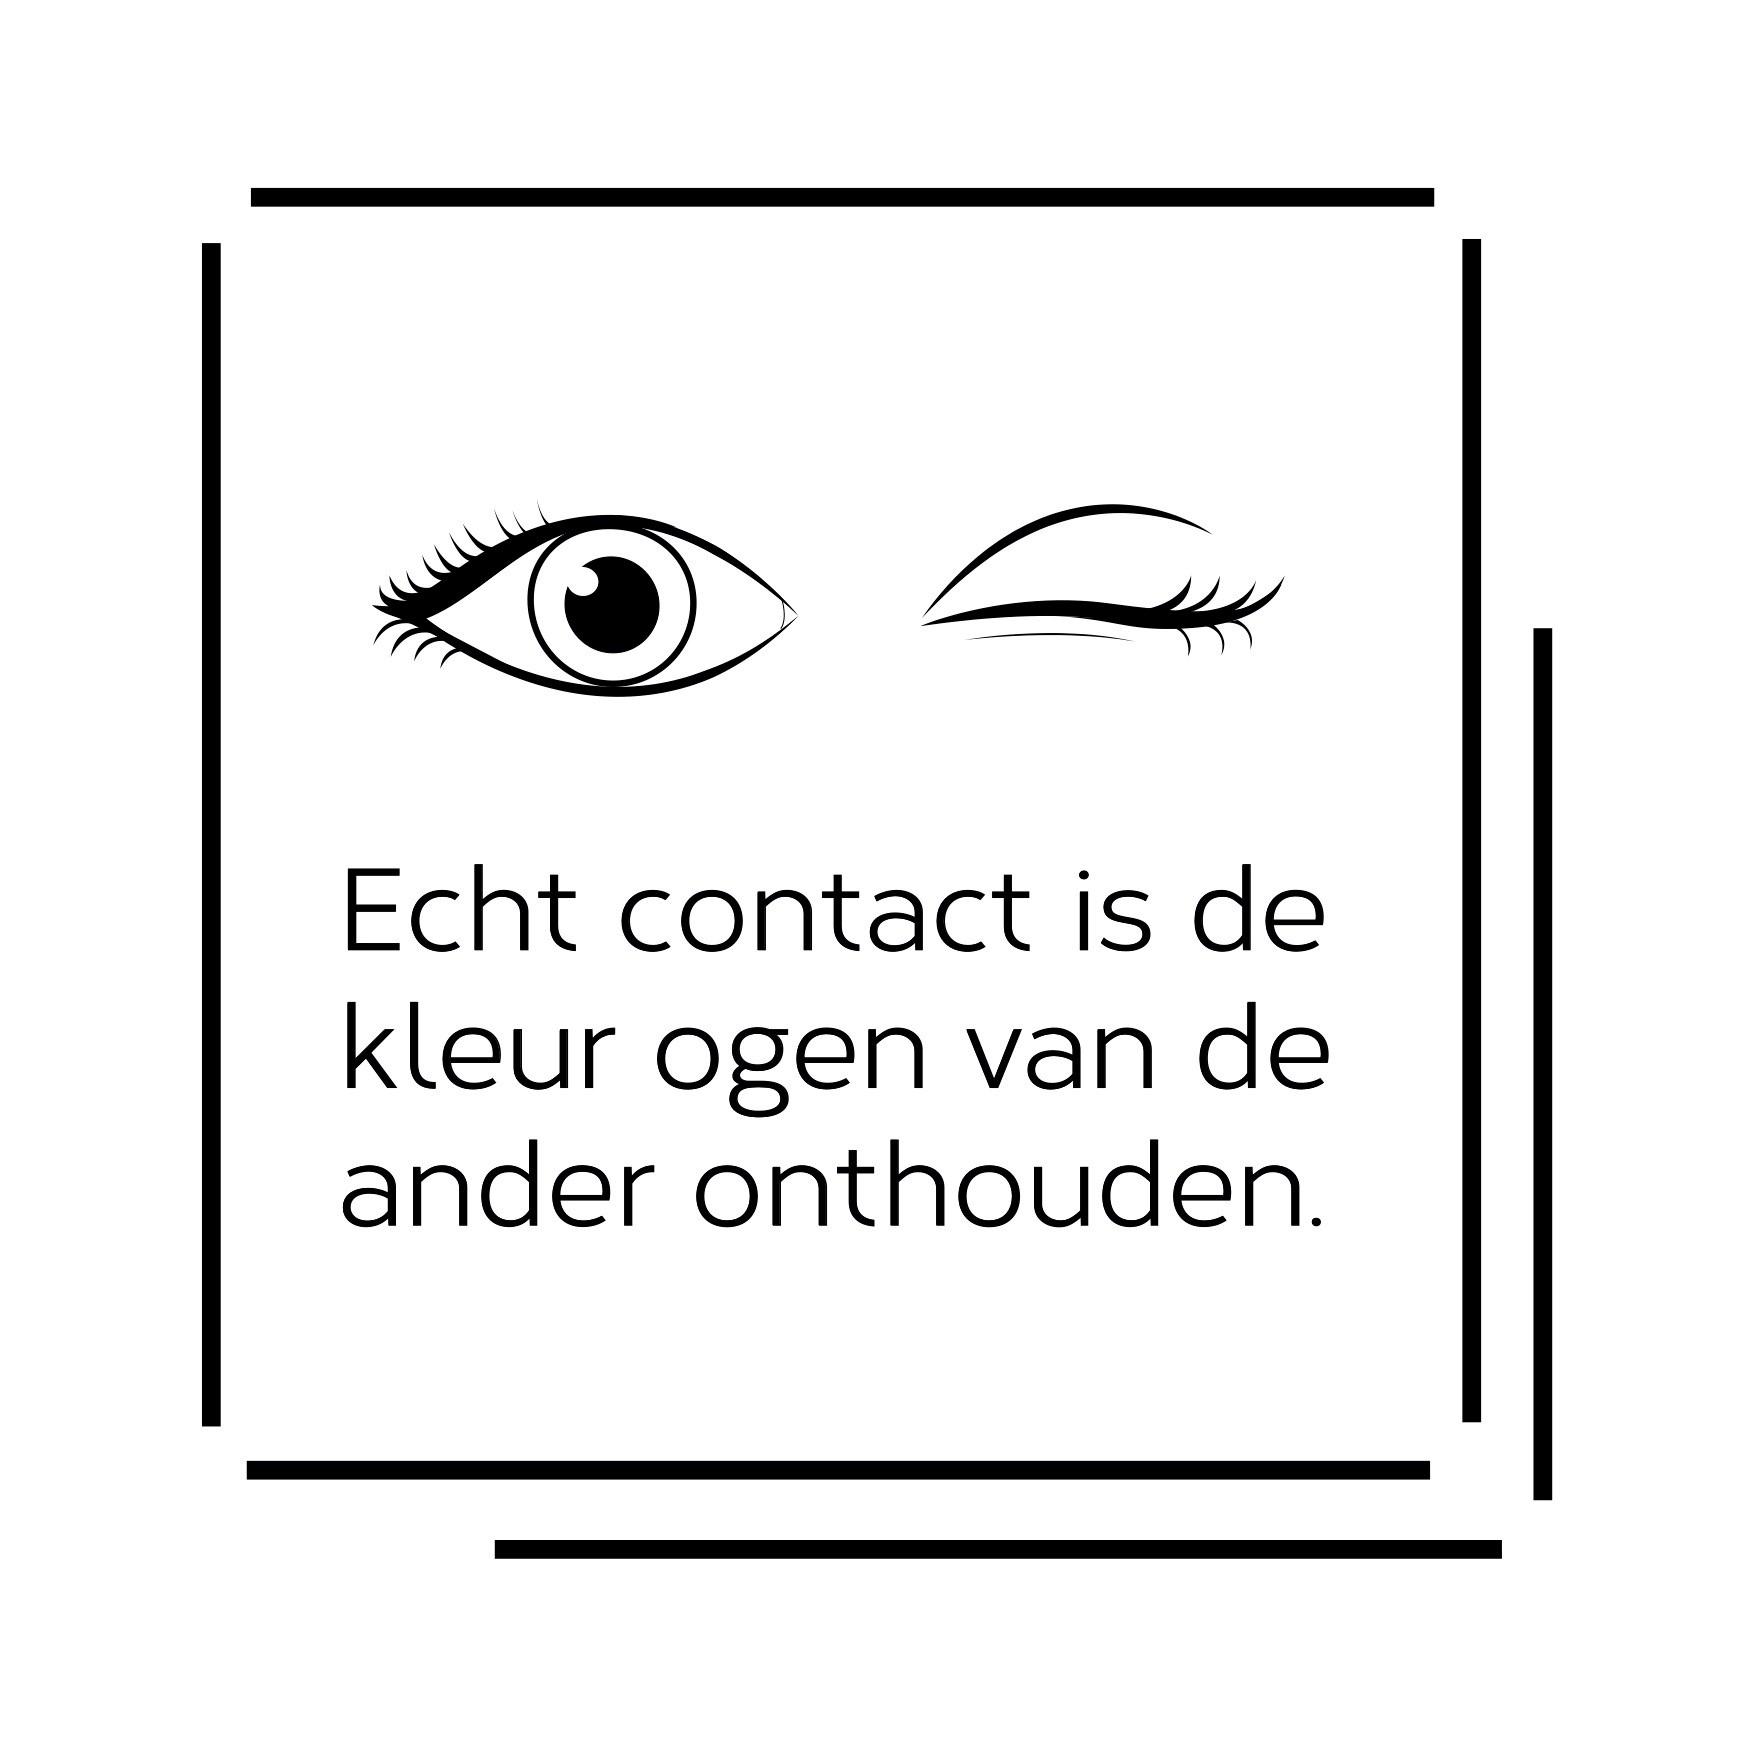 Logo met quote Echt contact is de kleur ogen van de ander onthouden.